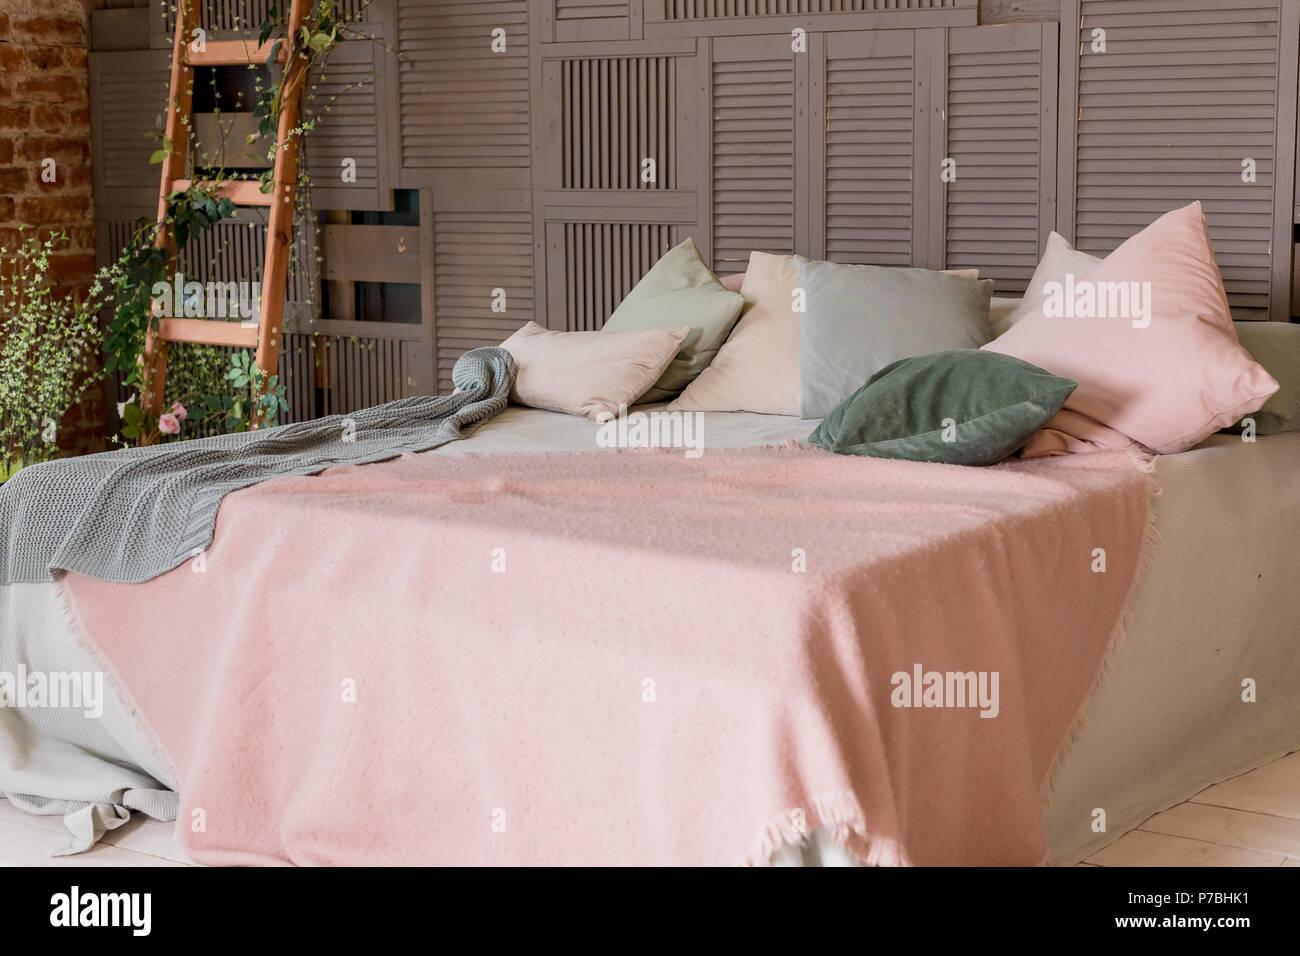 Couverture rose beige clair sur le lit avec oreillers menthe verte ...